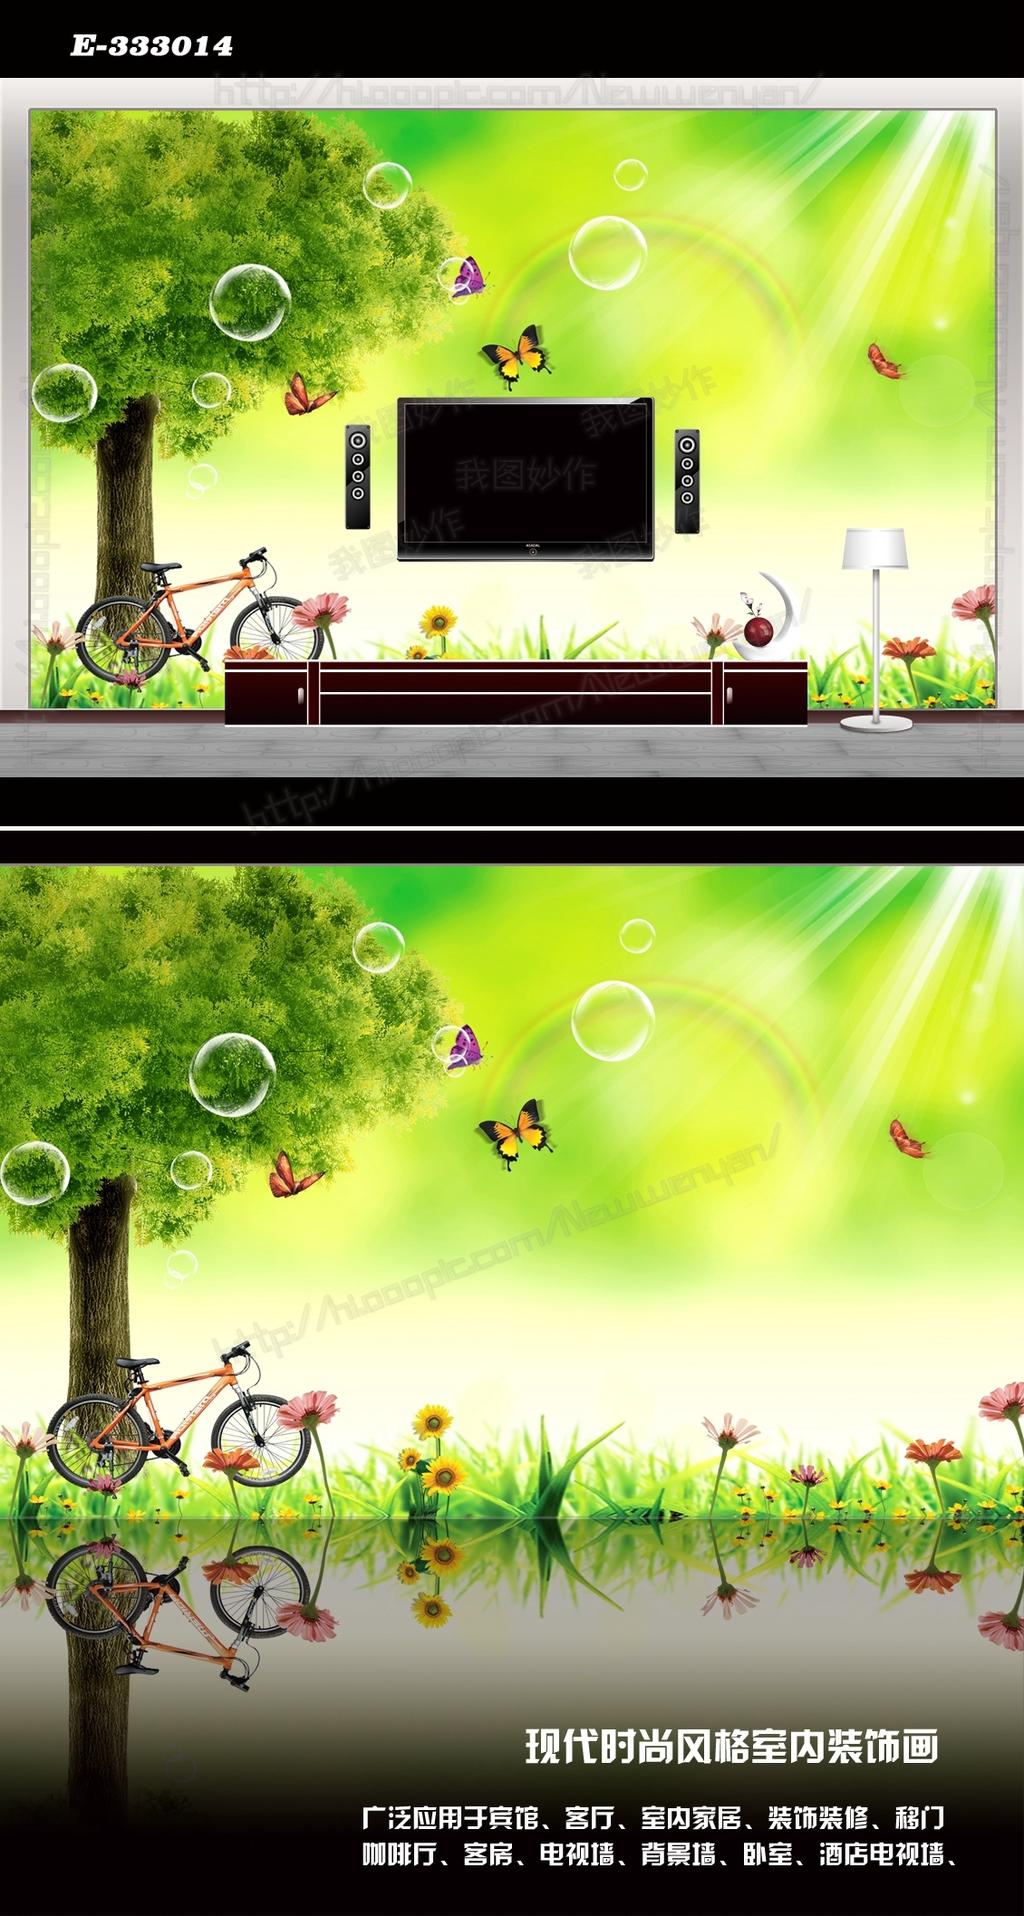 风景 背景墙/绿色时尚浪漫春天风景电视背景墙